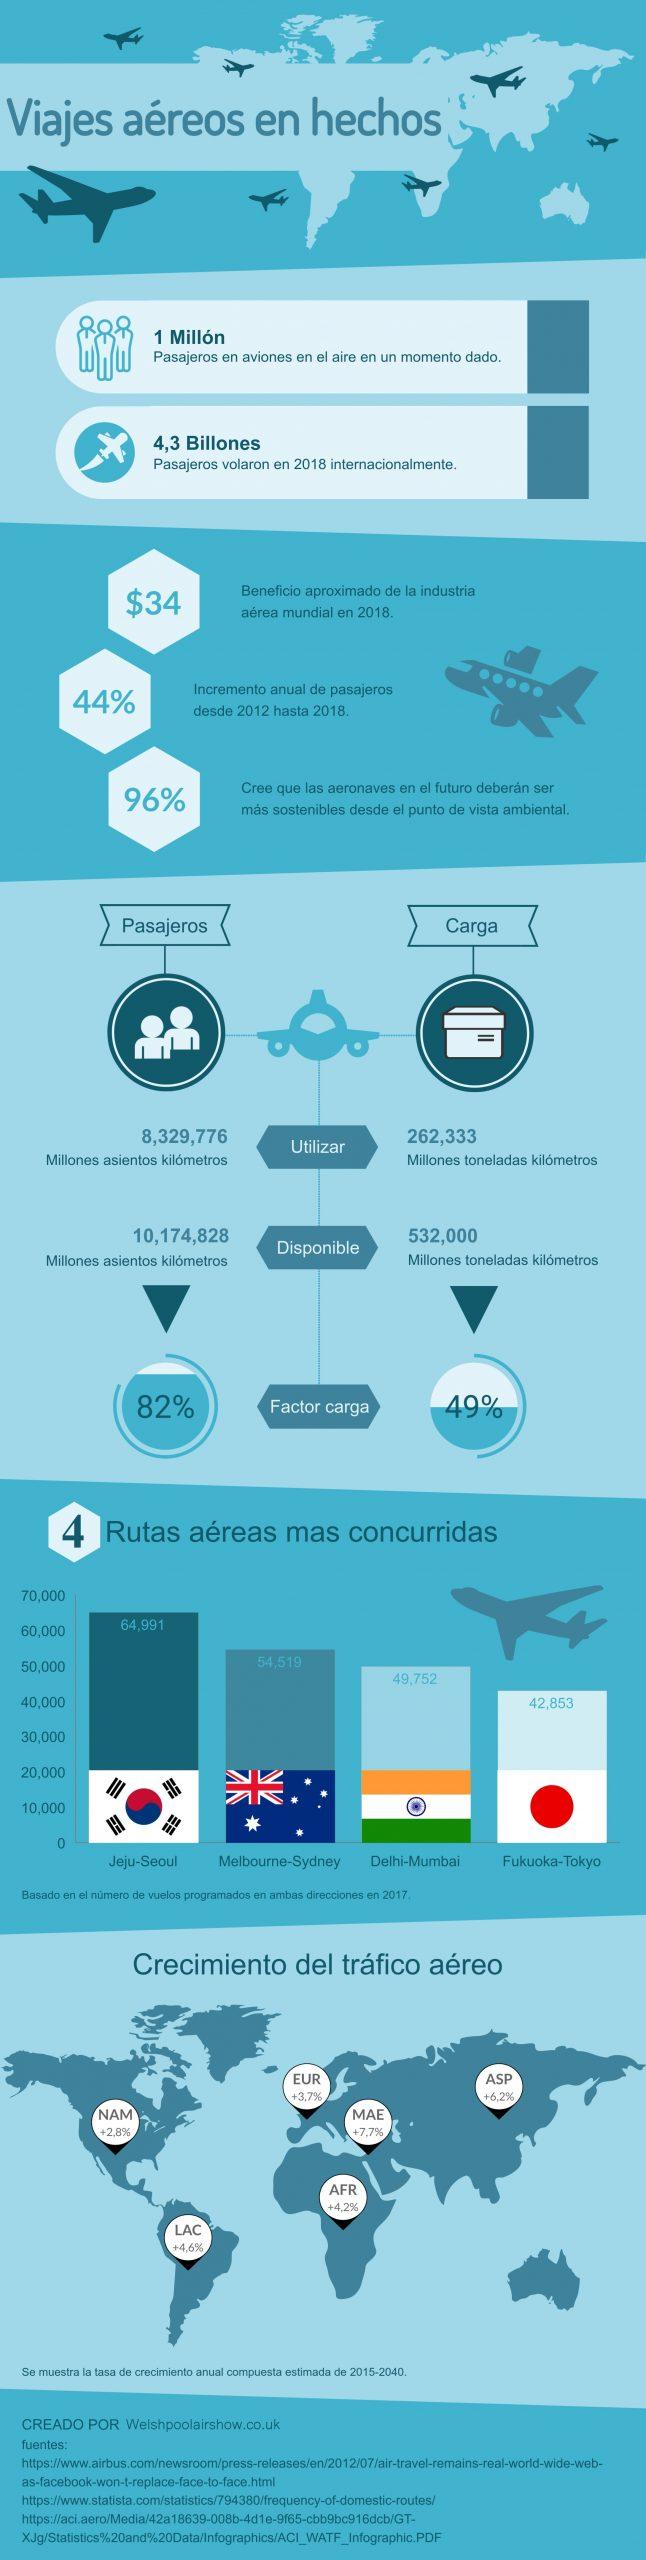 Viajes aereos en hechos infografia